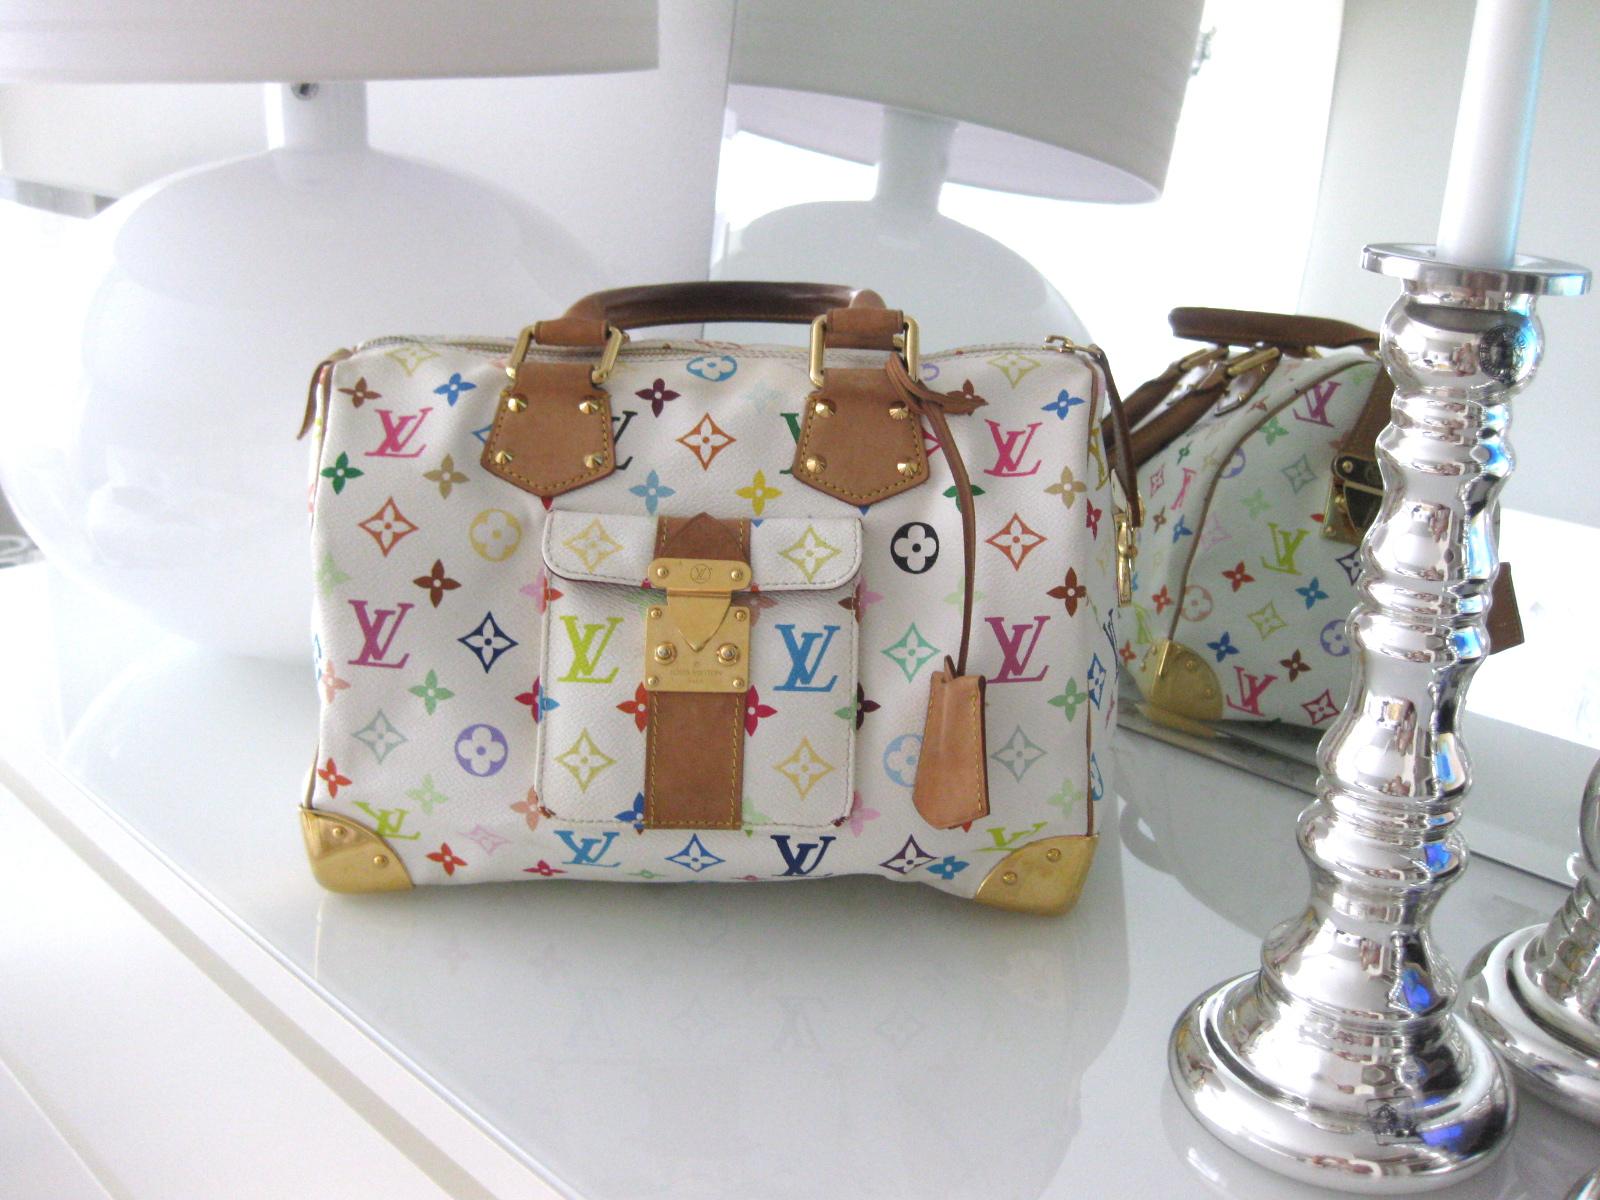 Myydään Louis Vuitton Käsilaukku : Secret trove of luxury myyd??n louis vuitton multicolore